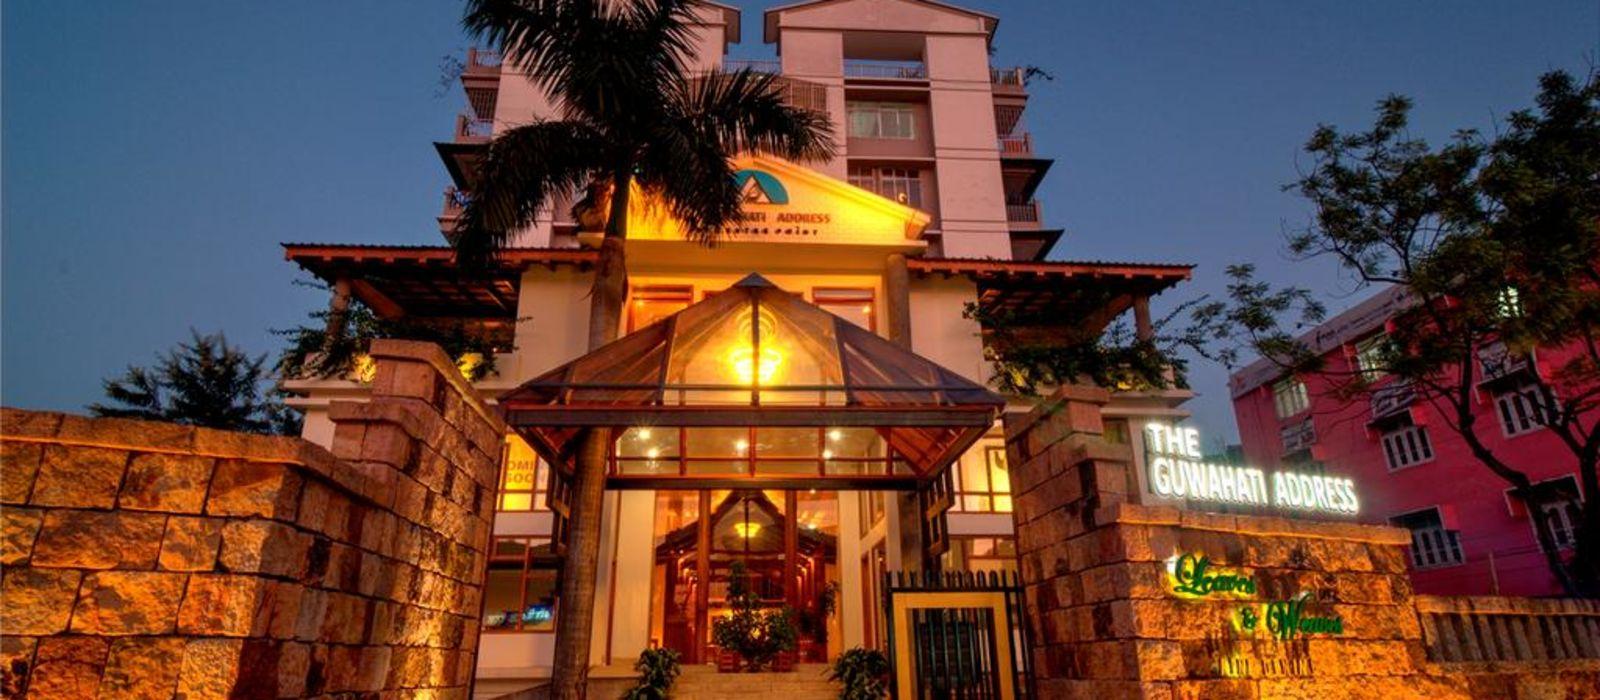 Hotel Guwahati Address East India